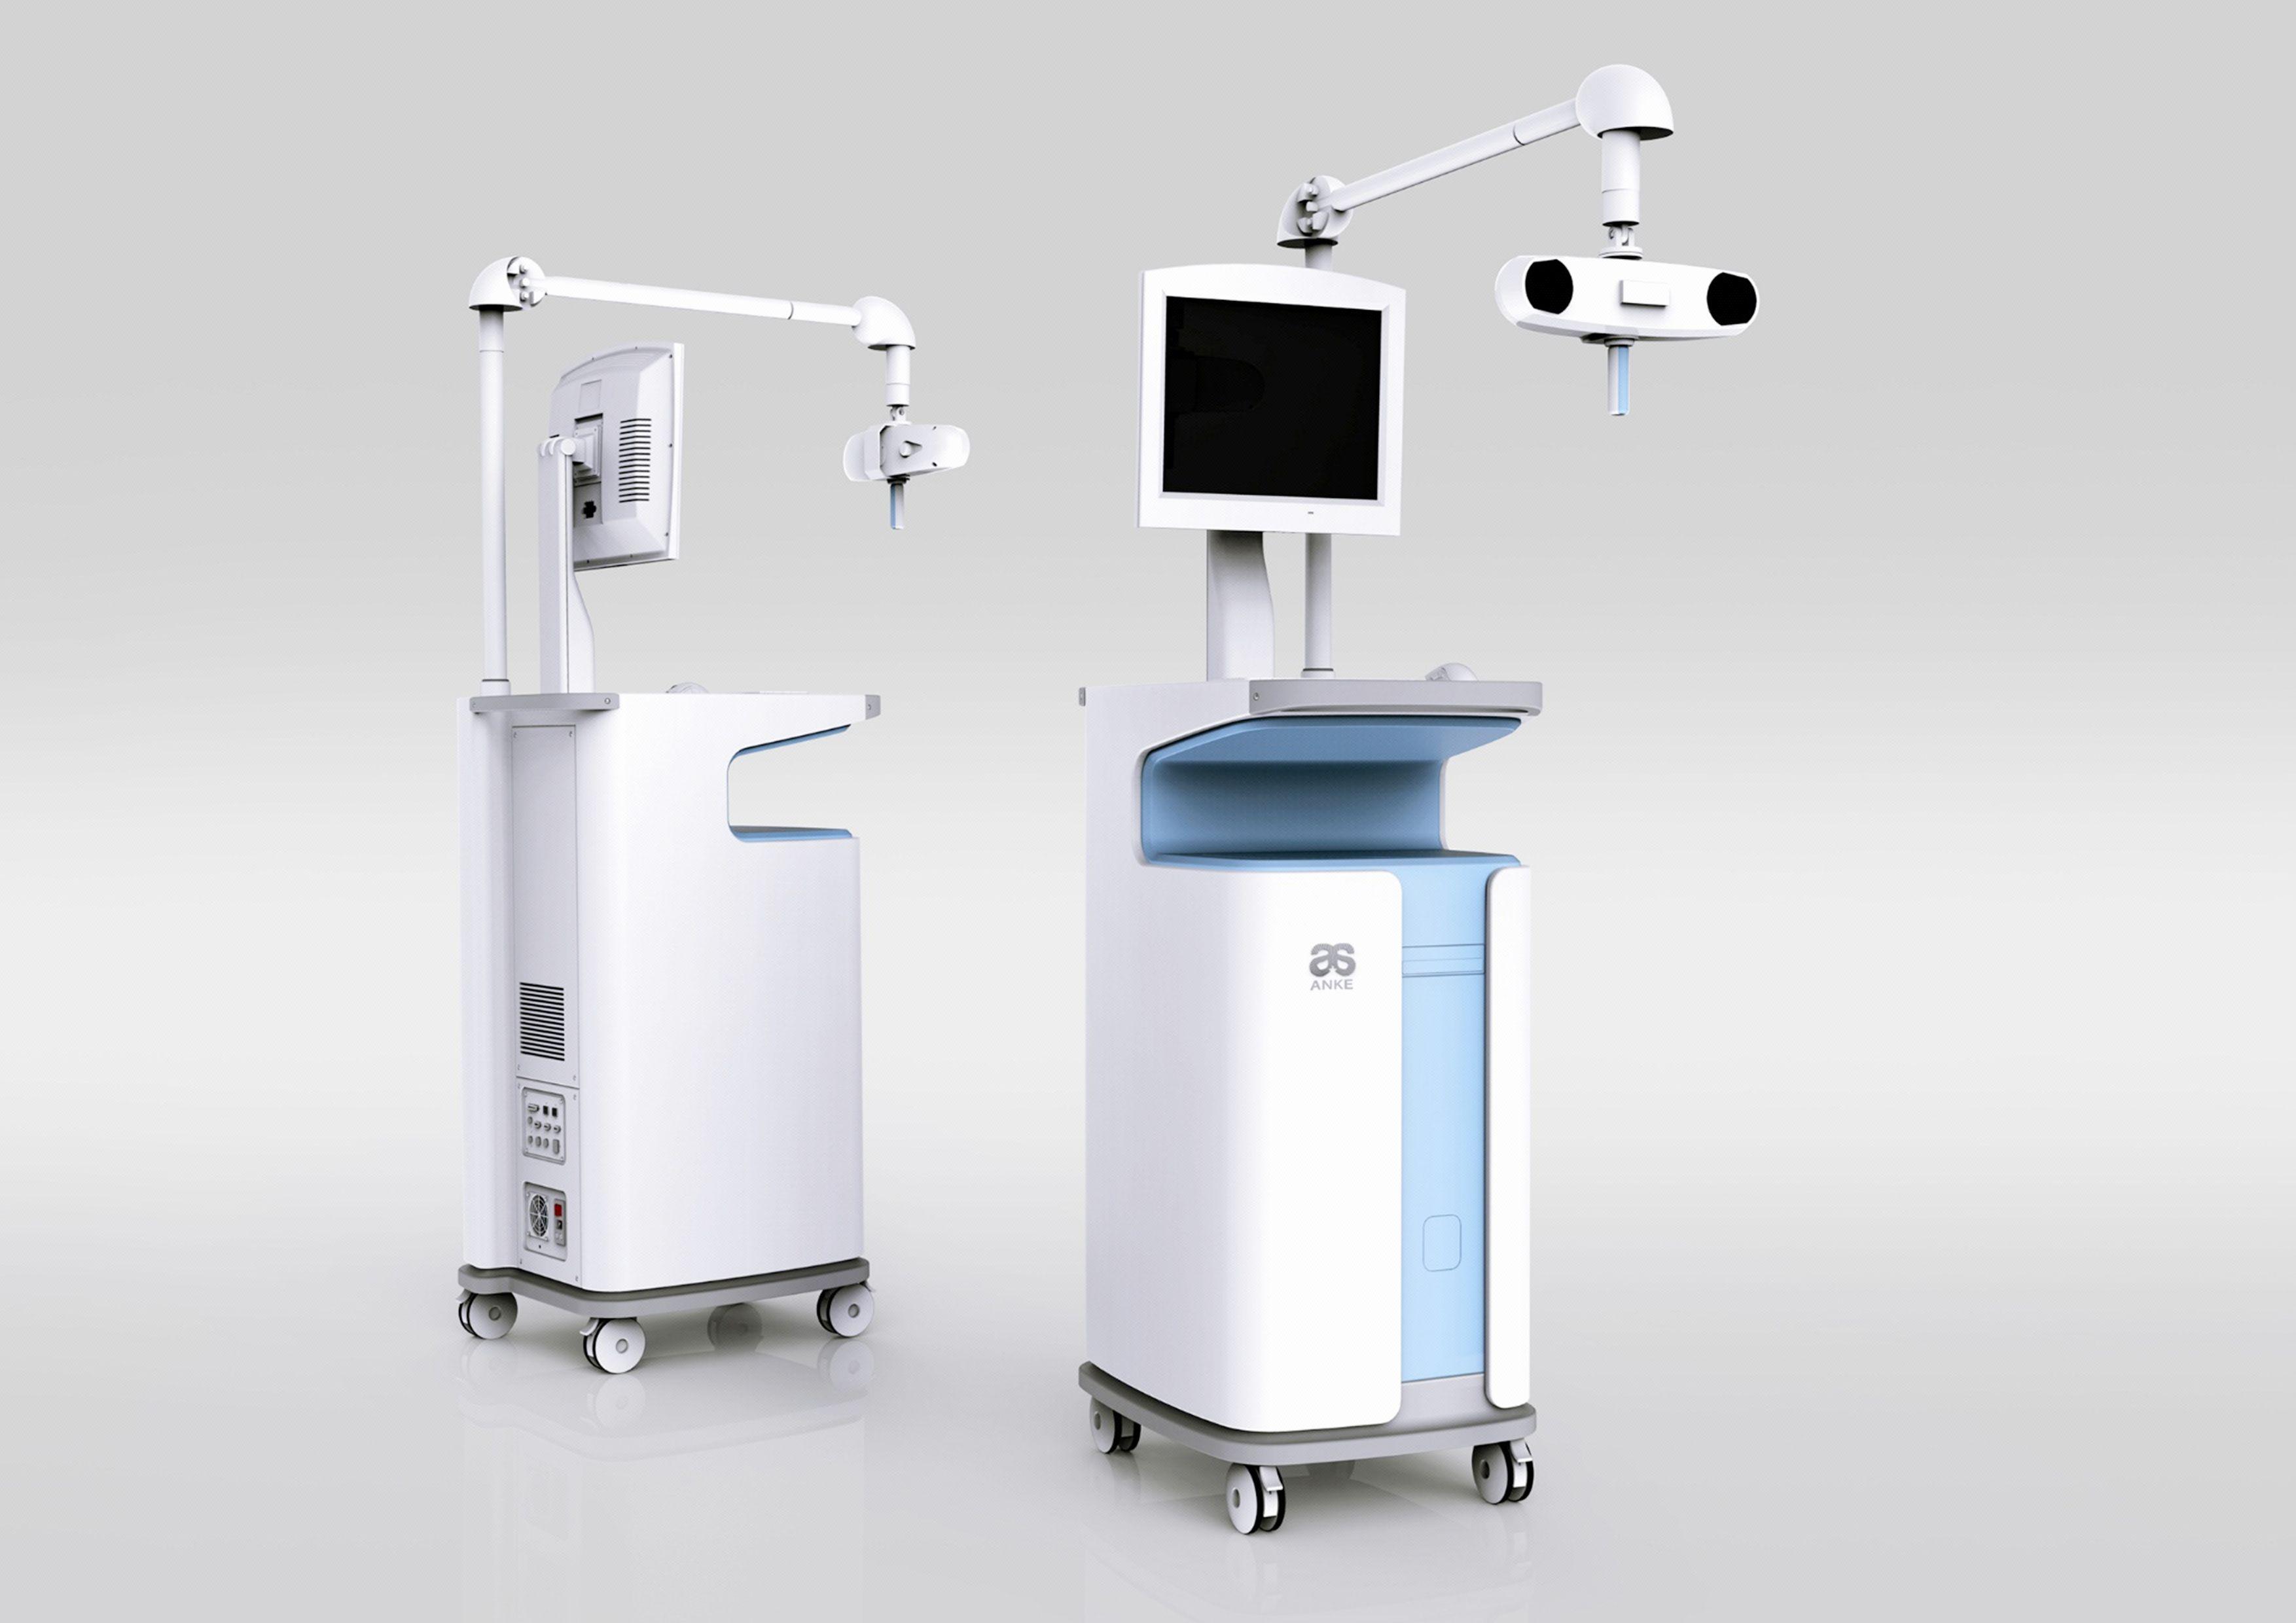 西门子医疗创新产品和解决方案亮相第83届中国国际医疗器械博览会